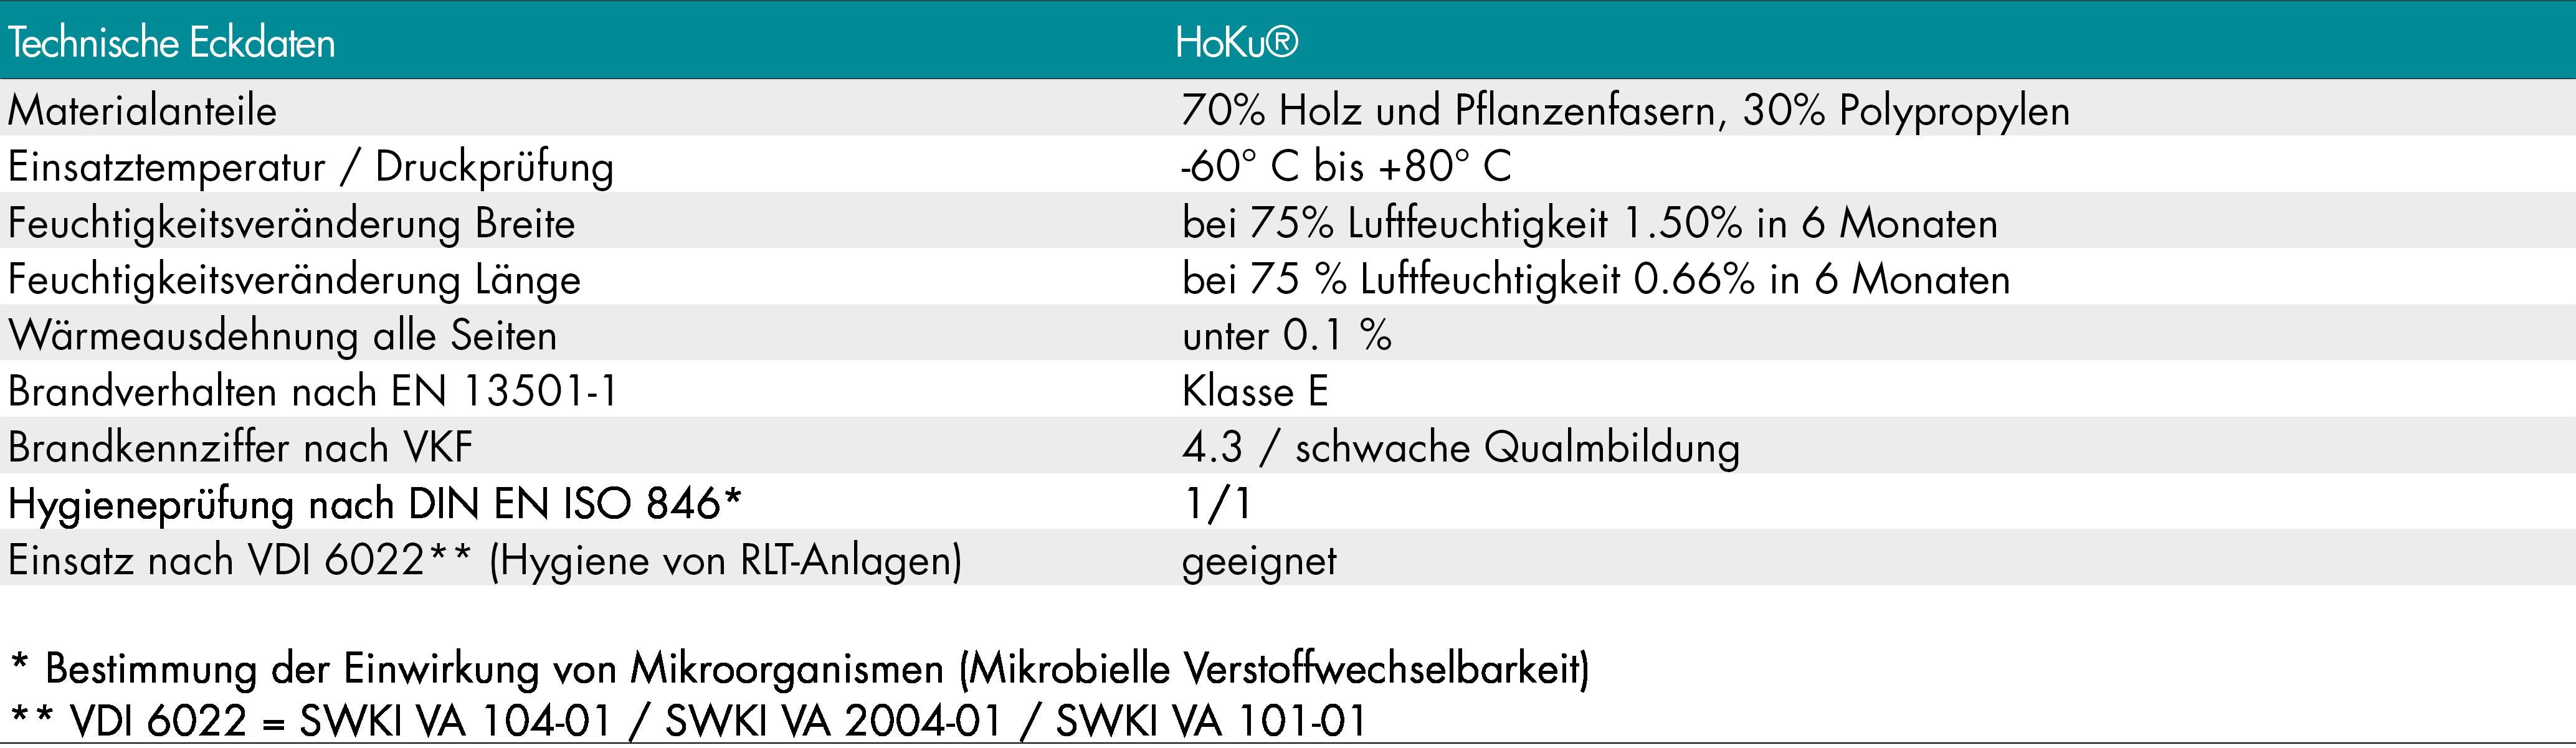 HOKU® Filterrahmen